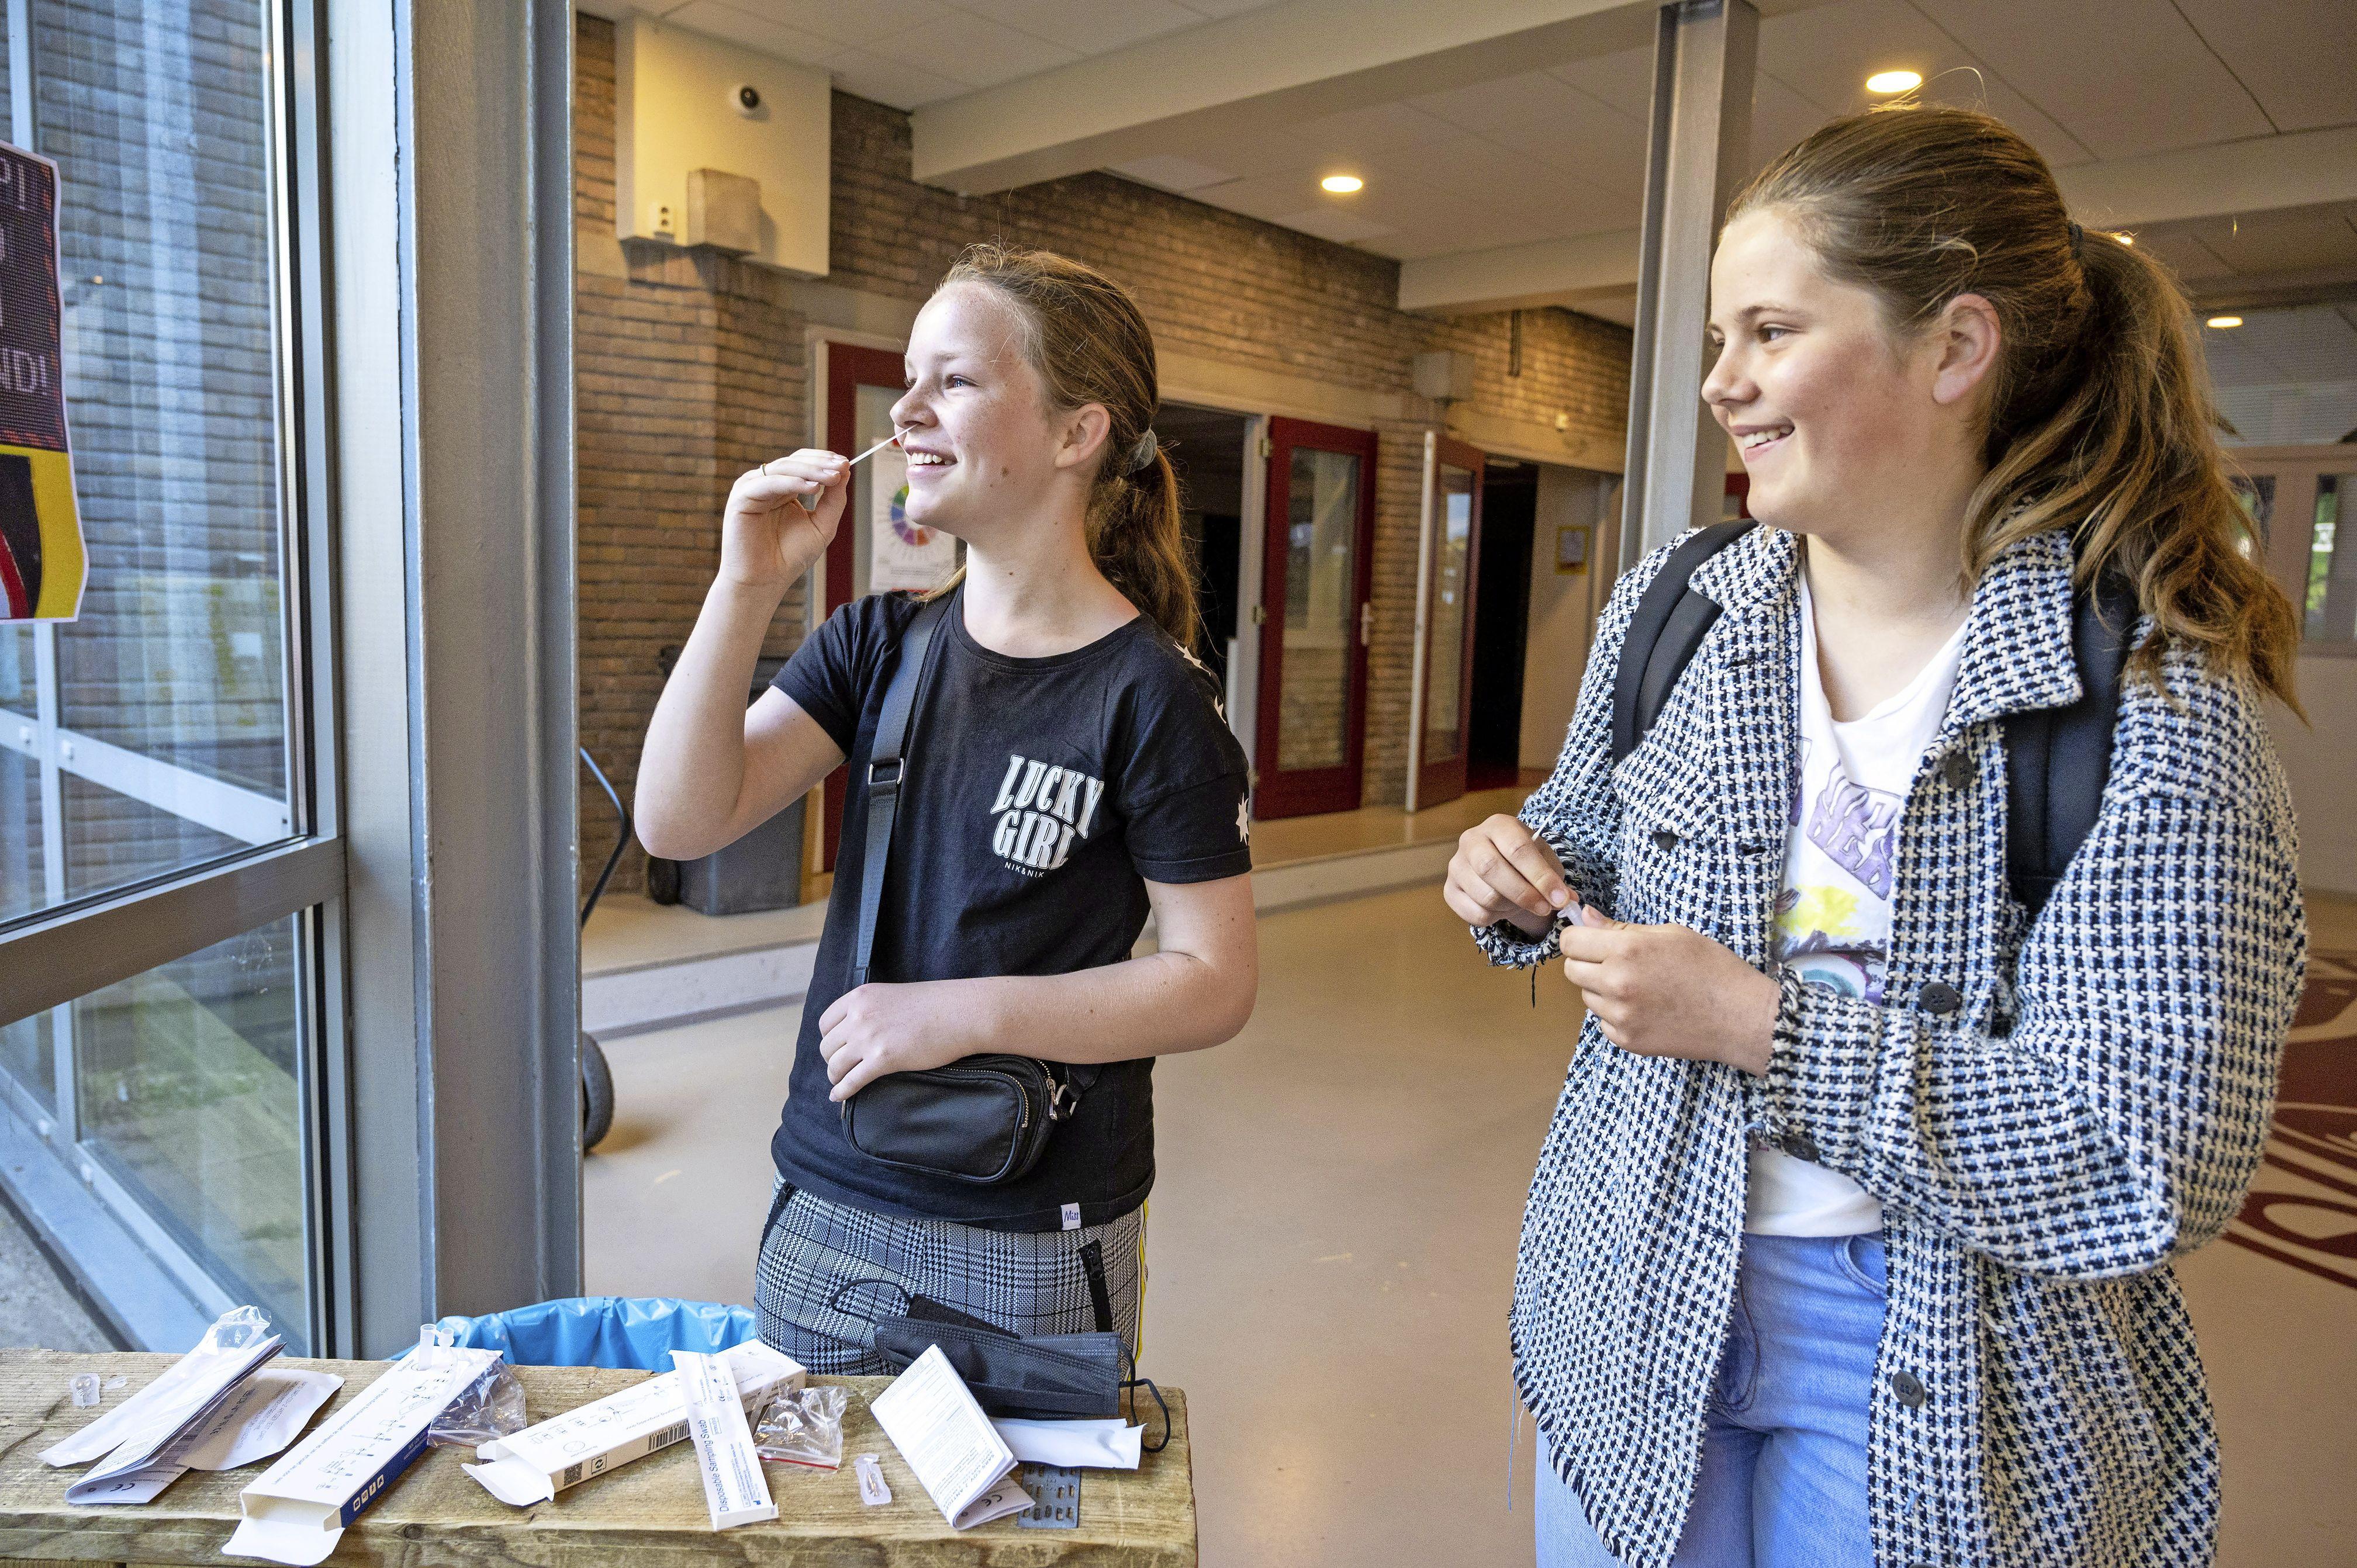 Veel scholen in regio Waterland gaan maandag niet volledig open: '89 procent van medewerkers vindt het geen goed idee'